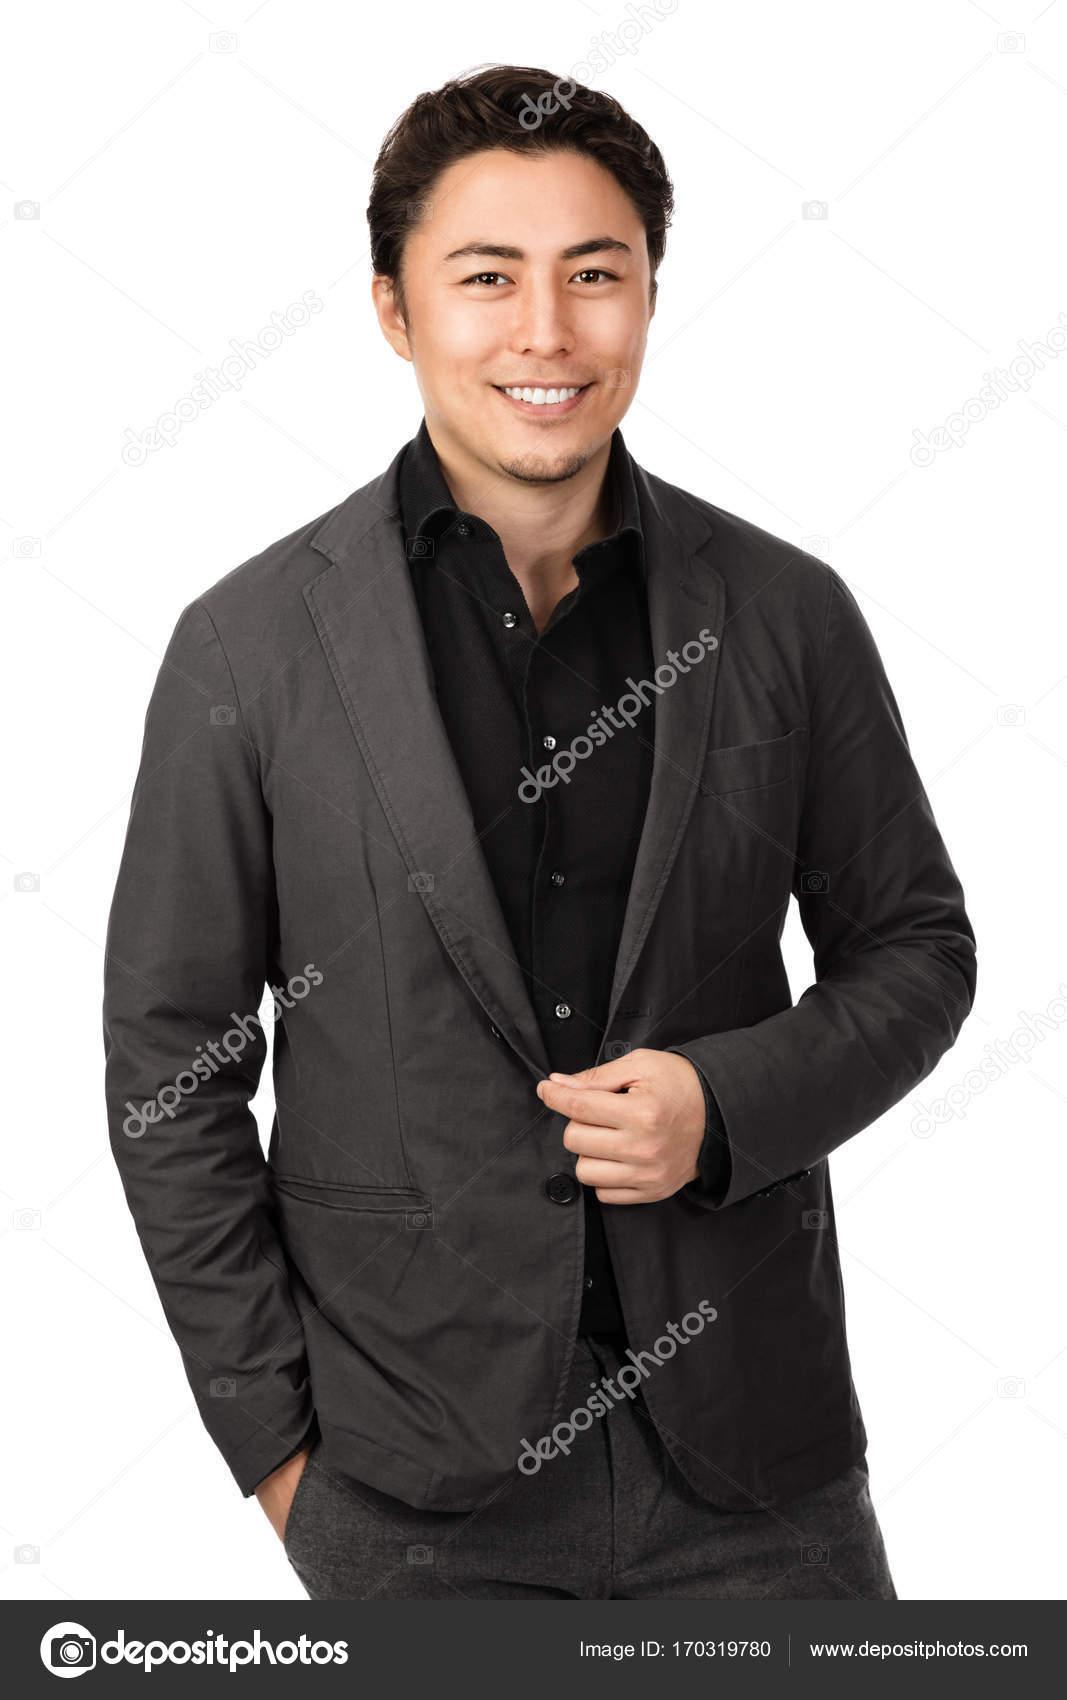 Gut Aussehend Geschäftsmann Im Grauen Anzug Stockfoto Robbie